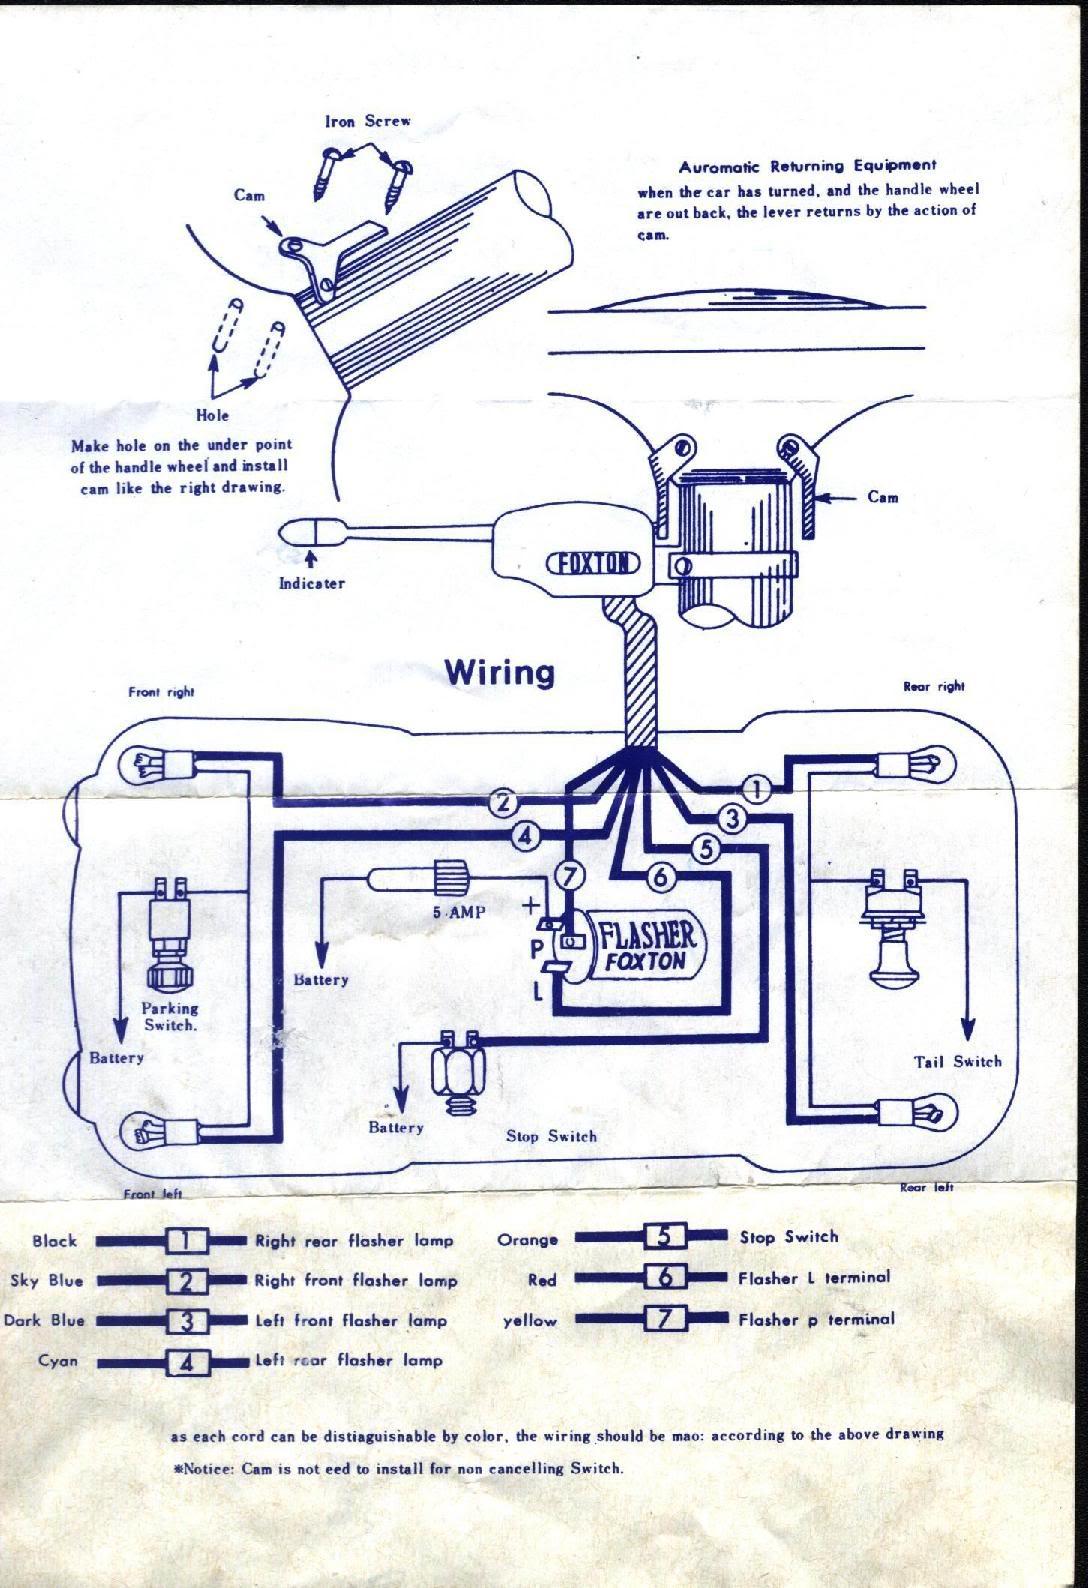 1979 kawasaki kz1000 wiring diagram 240 volt photocell kz900 dyna s kz750 ~ odicis